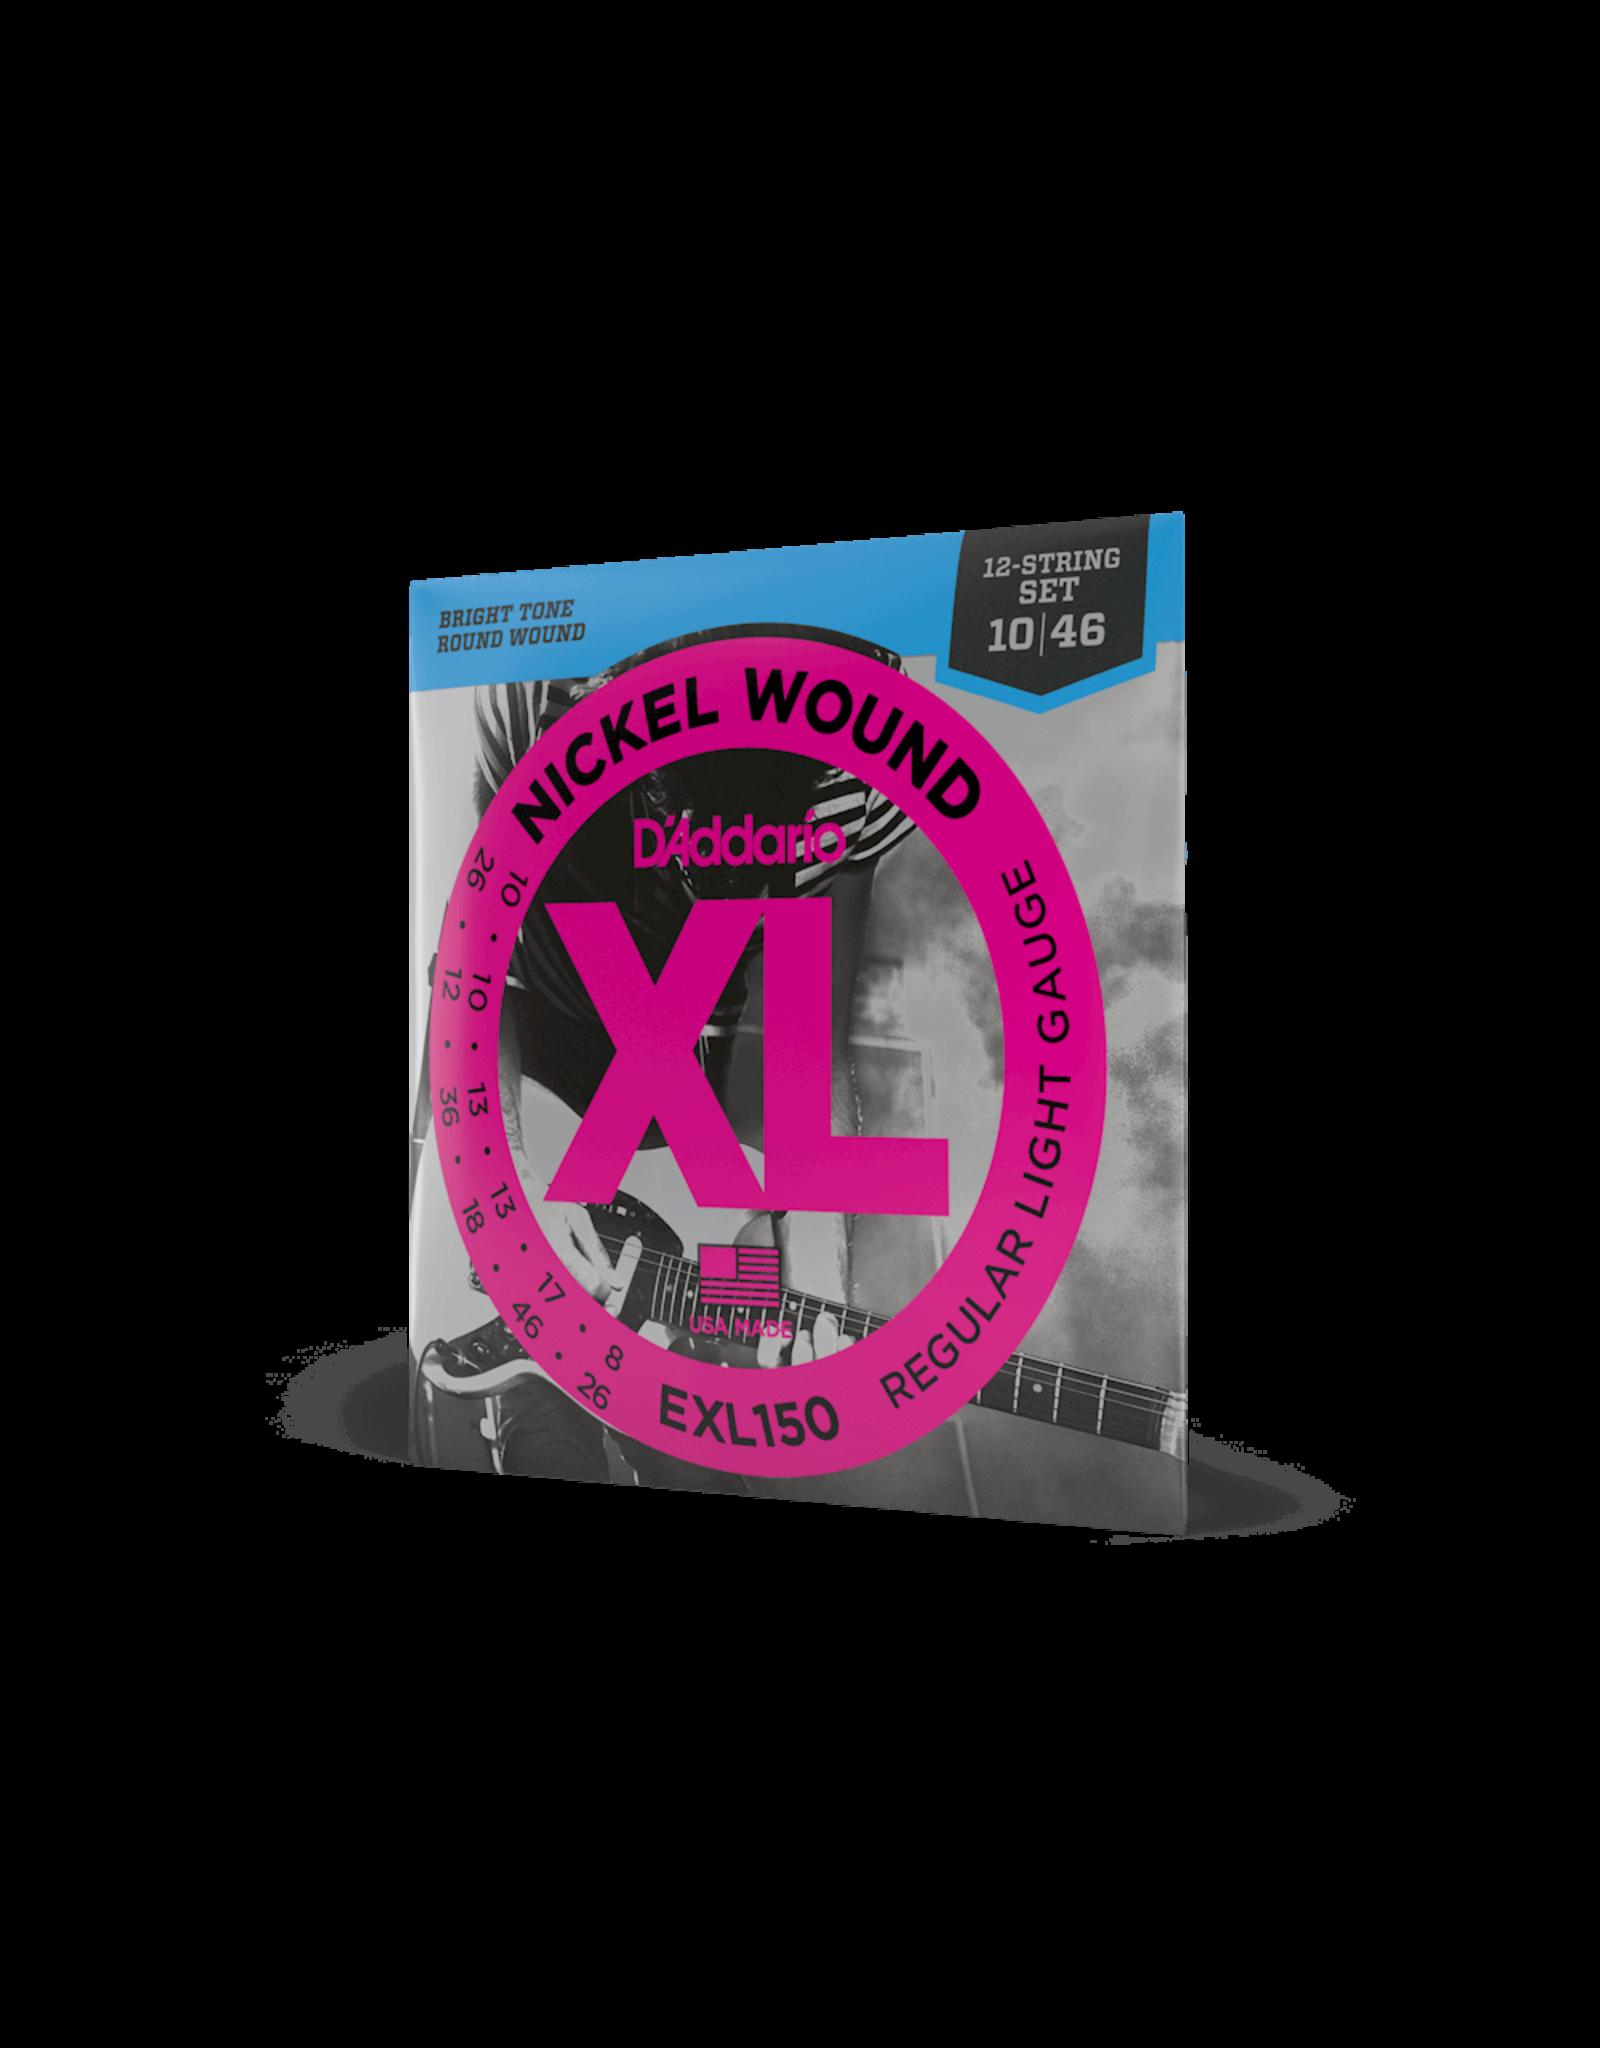 D'Addario D'Addario EXL150 Nickel XL 12-String Electric Guitar Strings